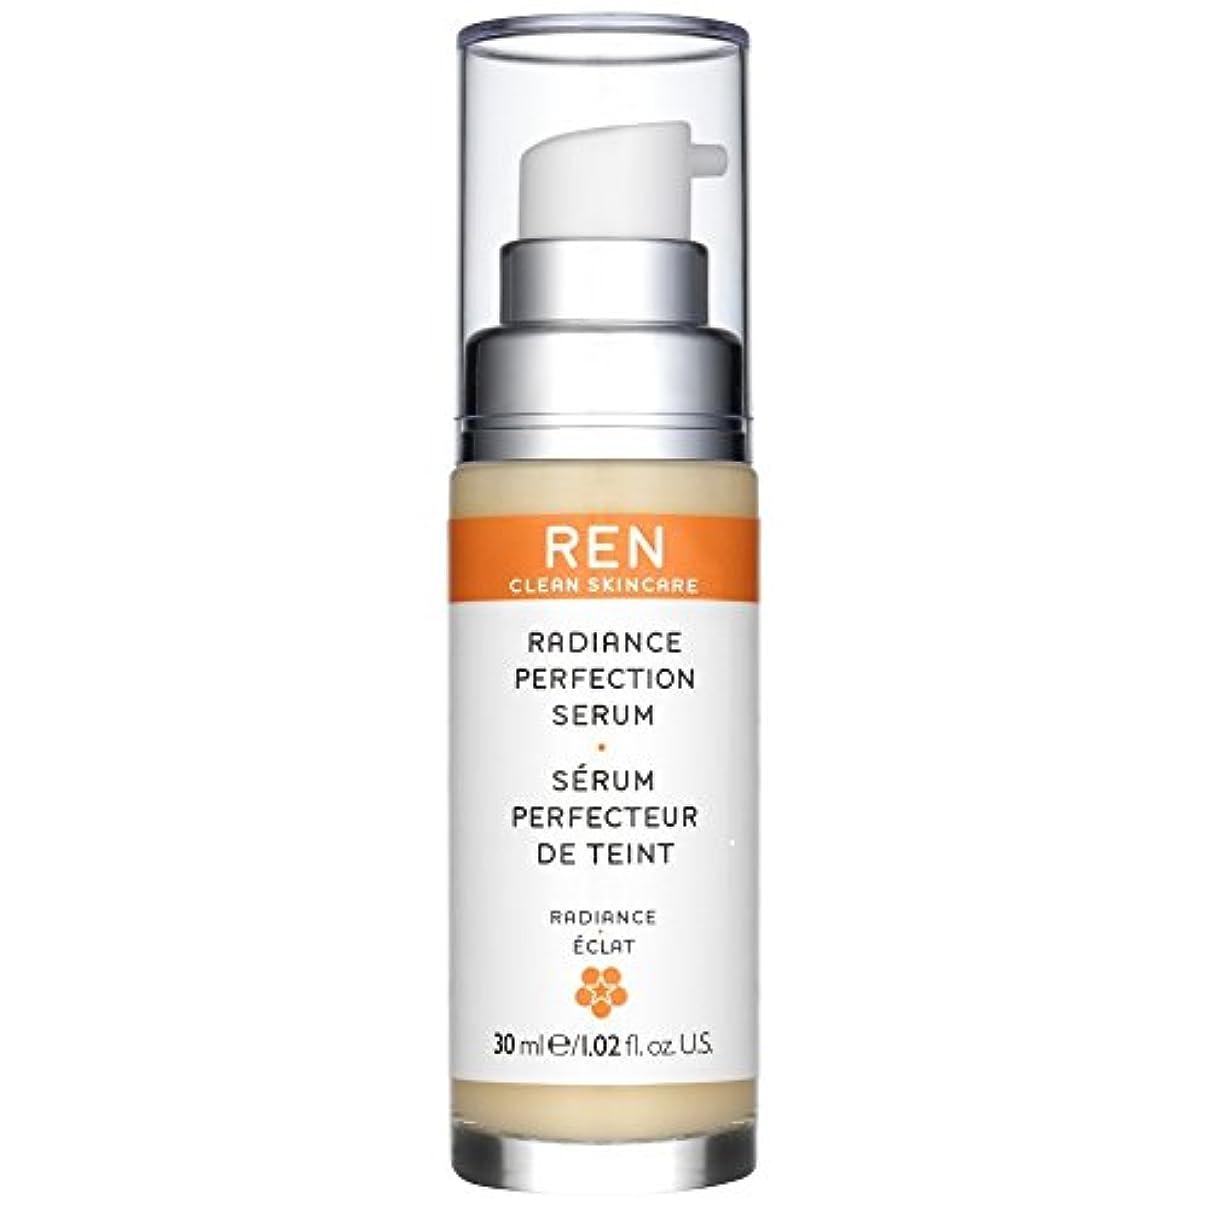 対角線エールシンカンRen輝き完成血清30ミリリットル (REN) - REN Radiance Perfecting Serum 30ml [並行輸入品]